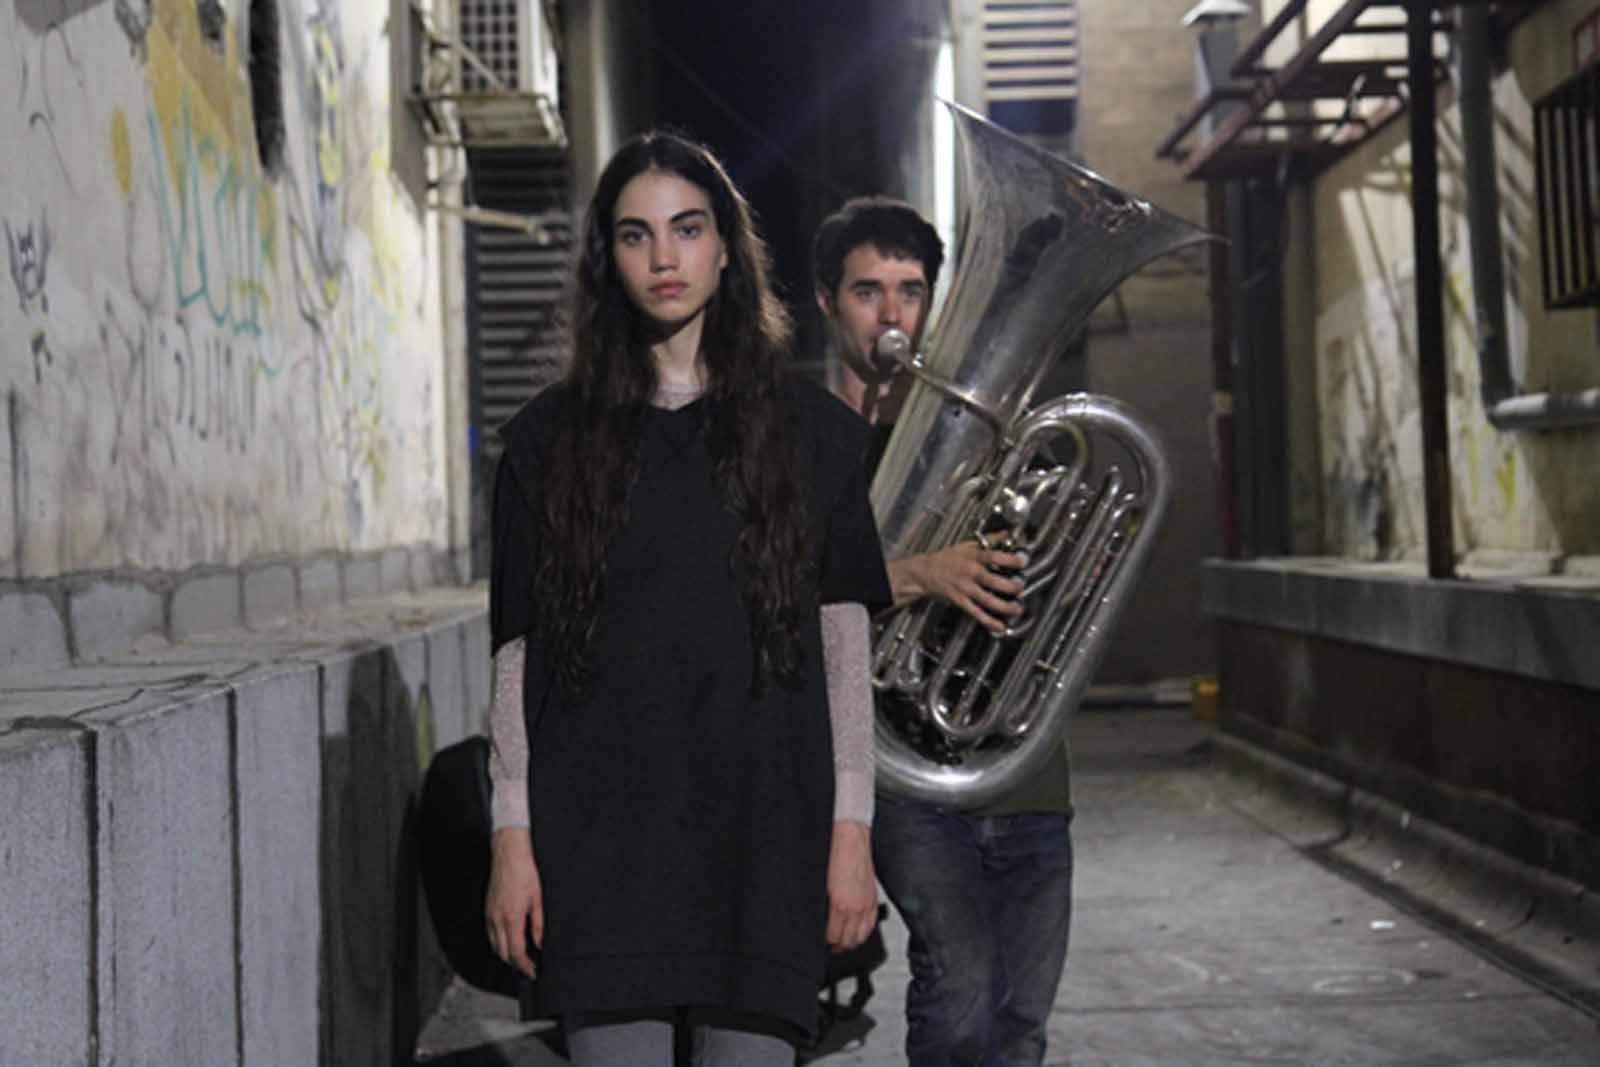 Don't Forget Me (BANDE-ANNONCE) avec Nitai Gvirtz, Moon Shavit, Tal Berkovich - Le 30 janvier 2019 au cinéma